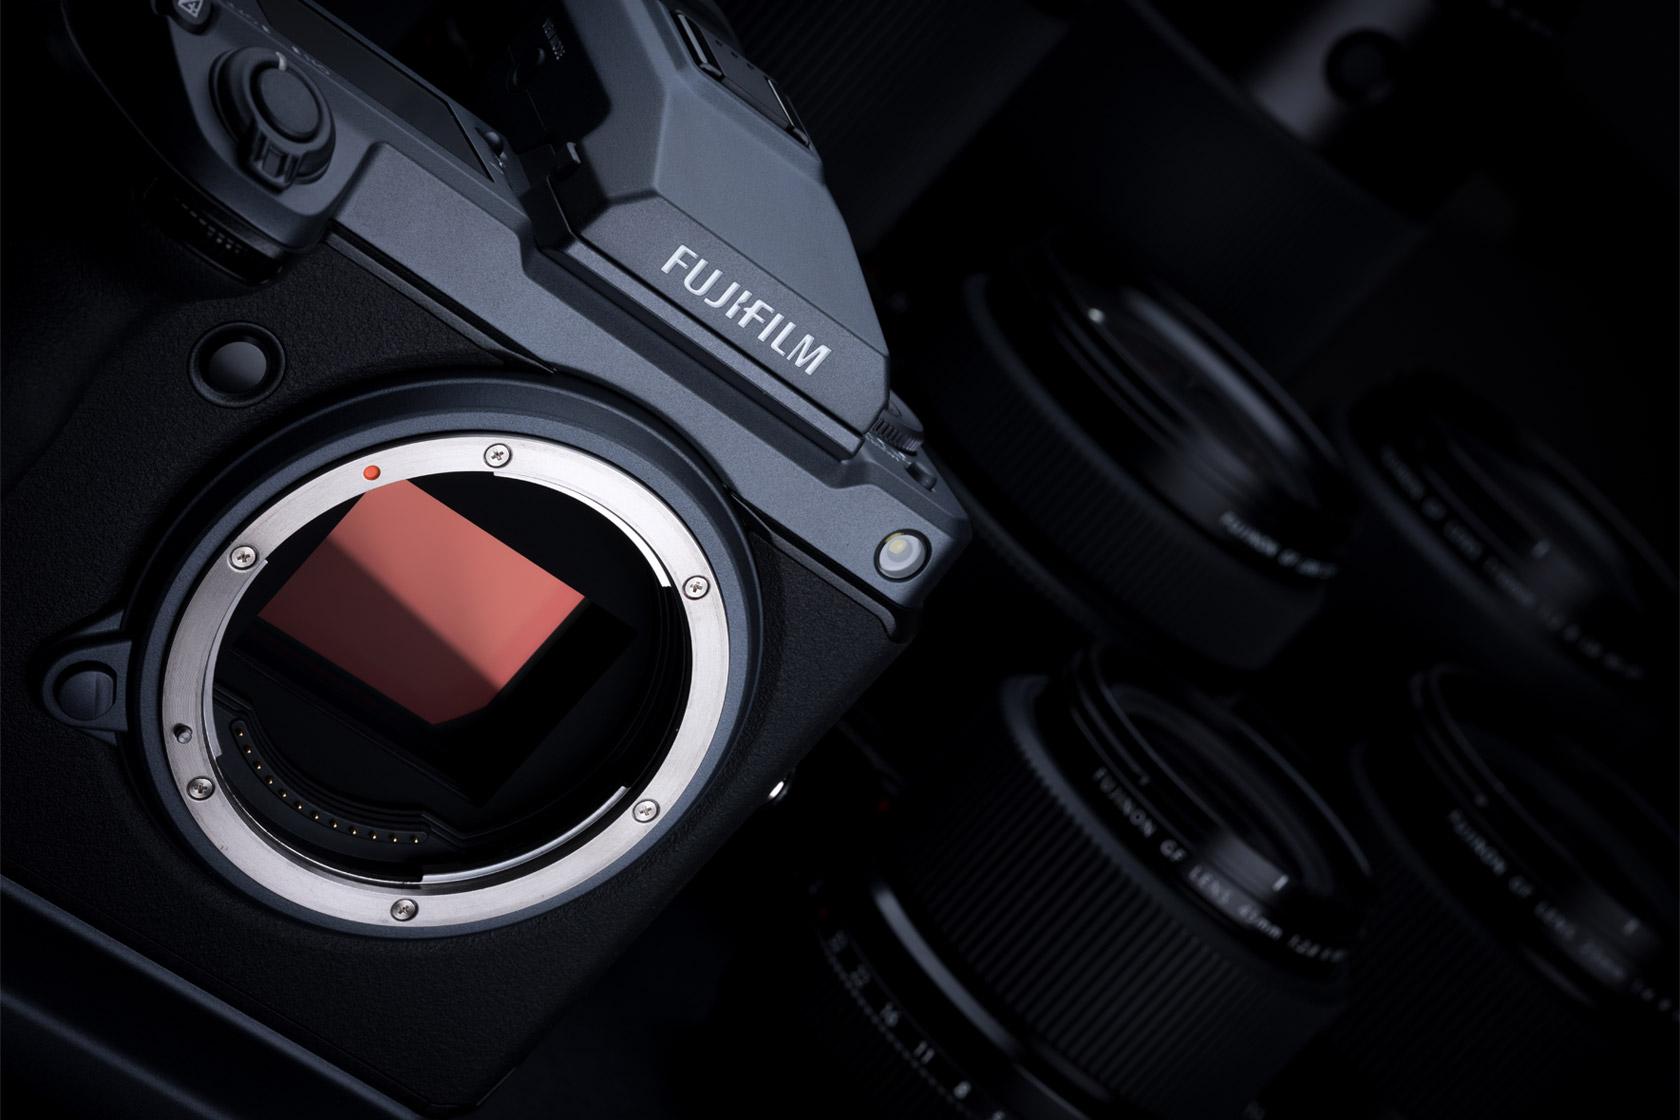 Imagem ampliada da câmera do sistema GFX